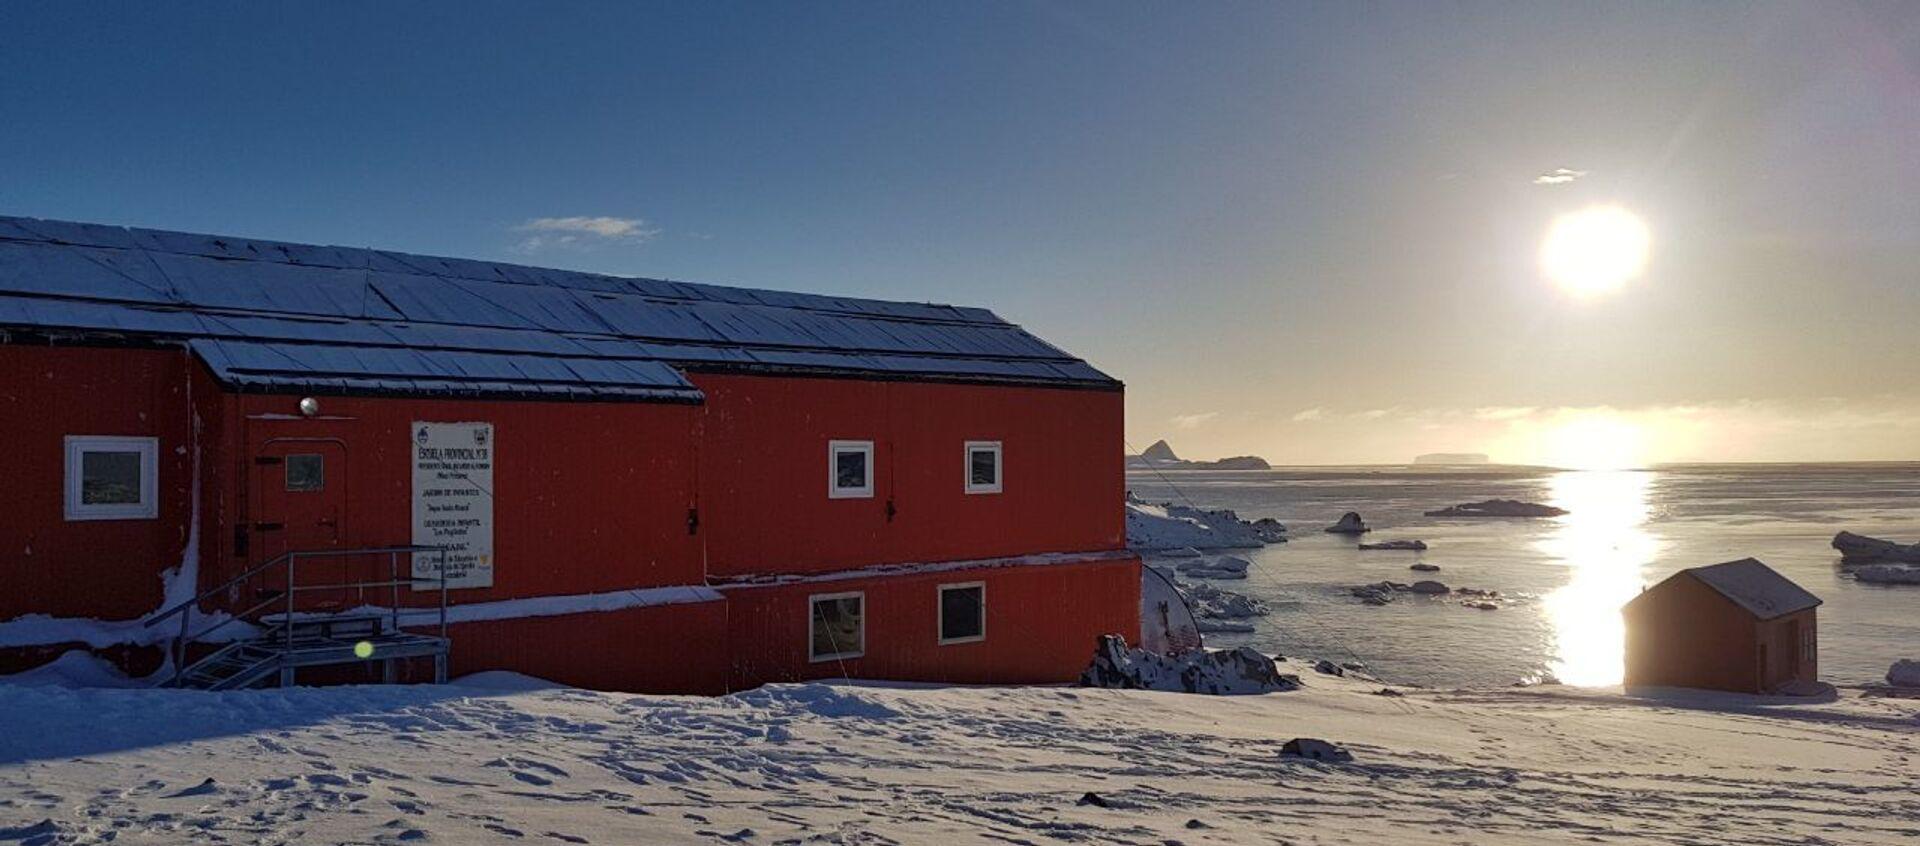 Fachada de la escuela n°38 en la Antártida durante el atarceder - Sputnik Mundo, 1920, 06.02.2020